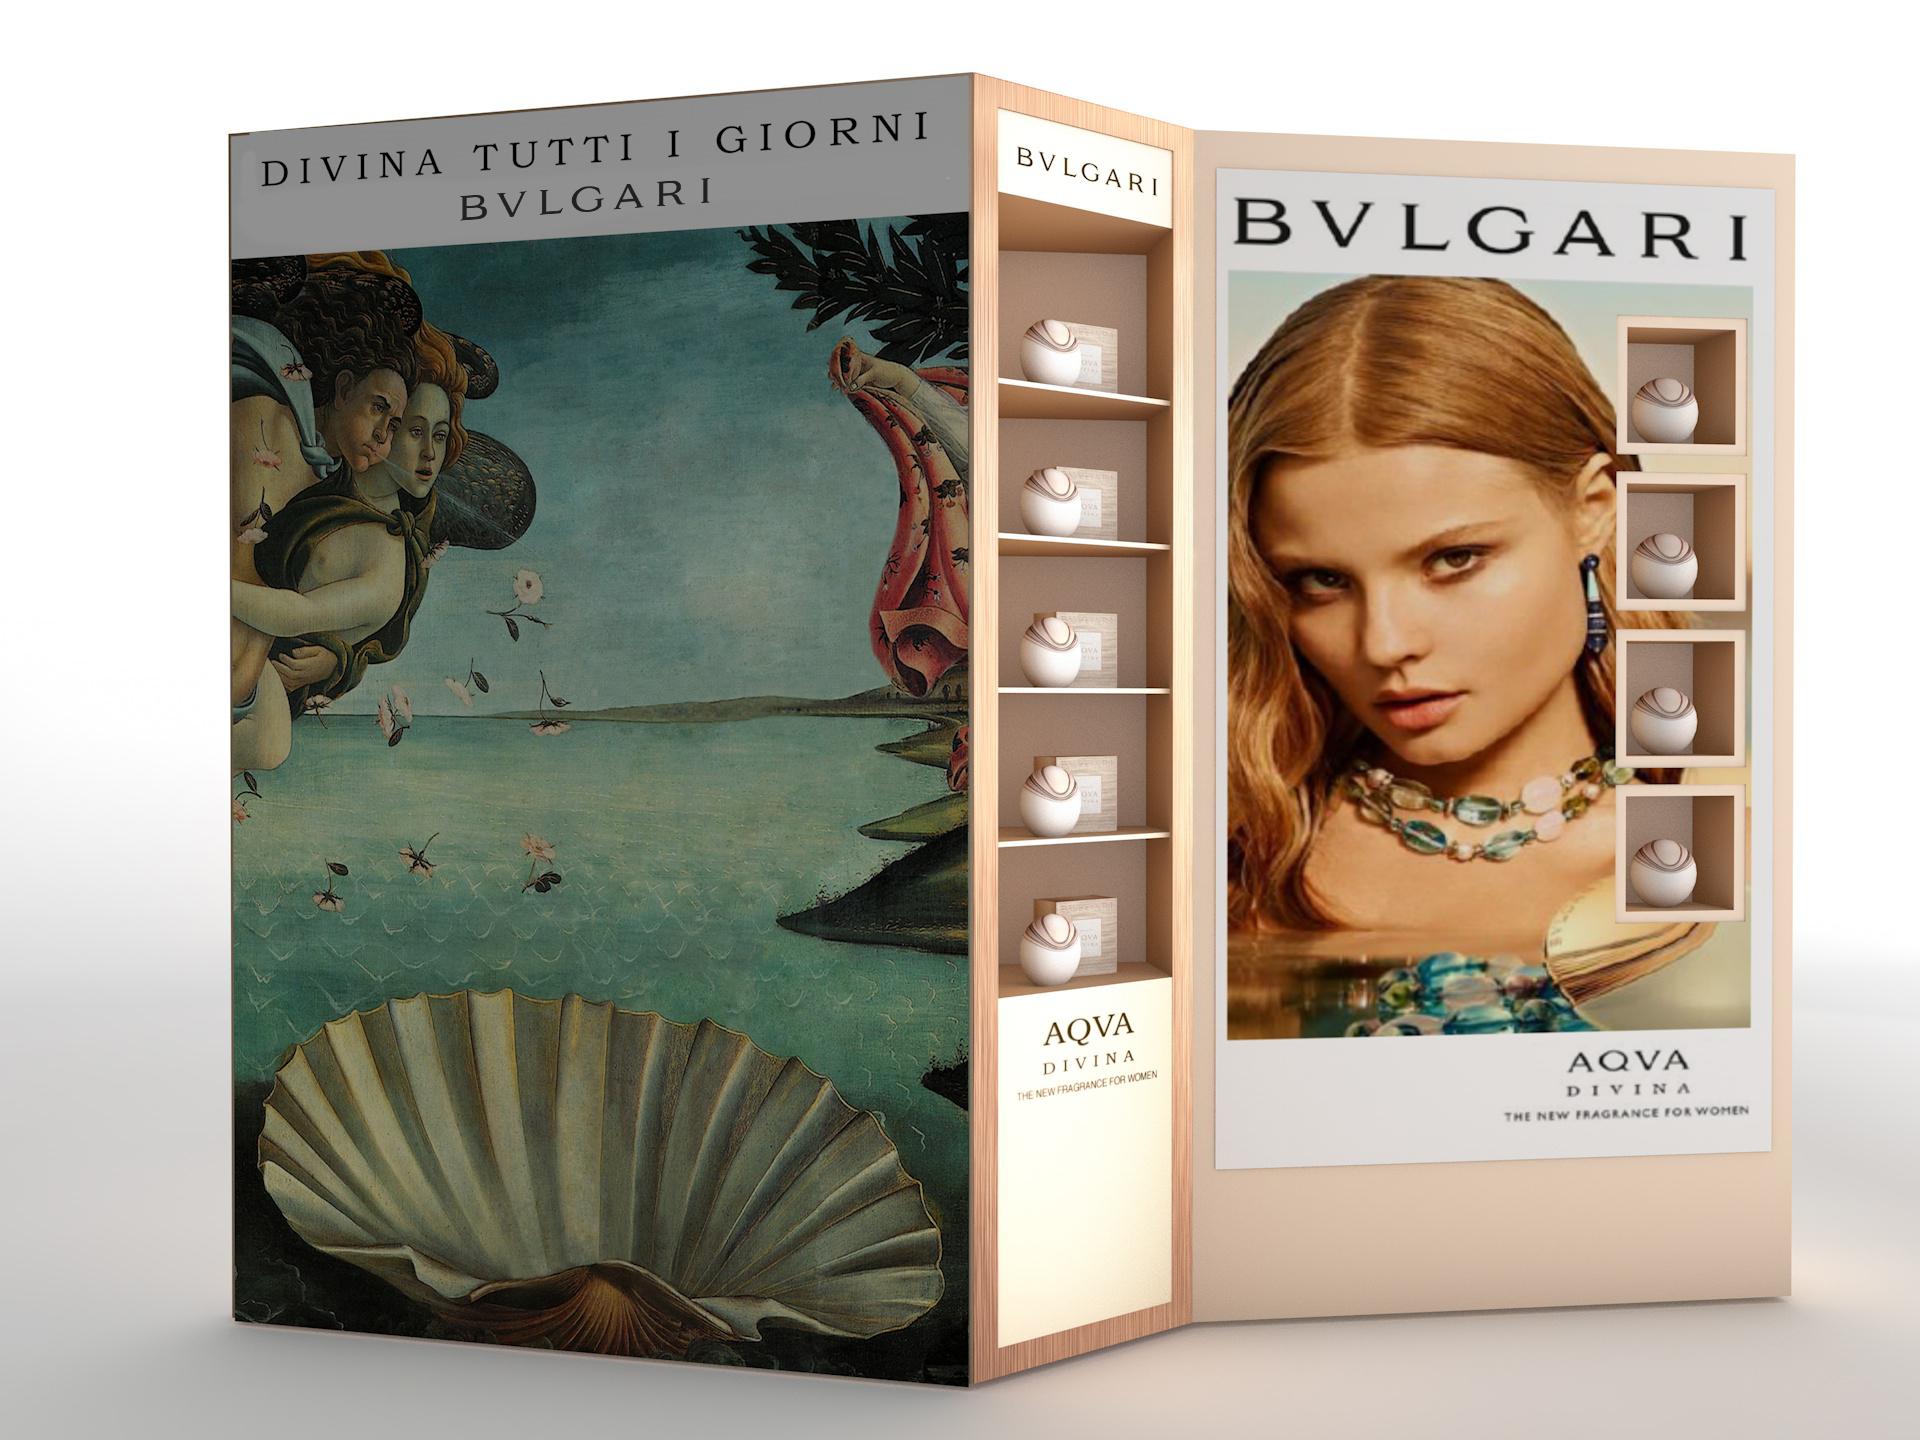 Bvlgari Aqua Divina / 3d furniture